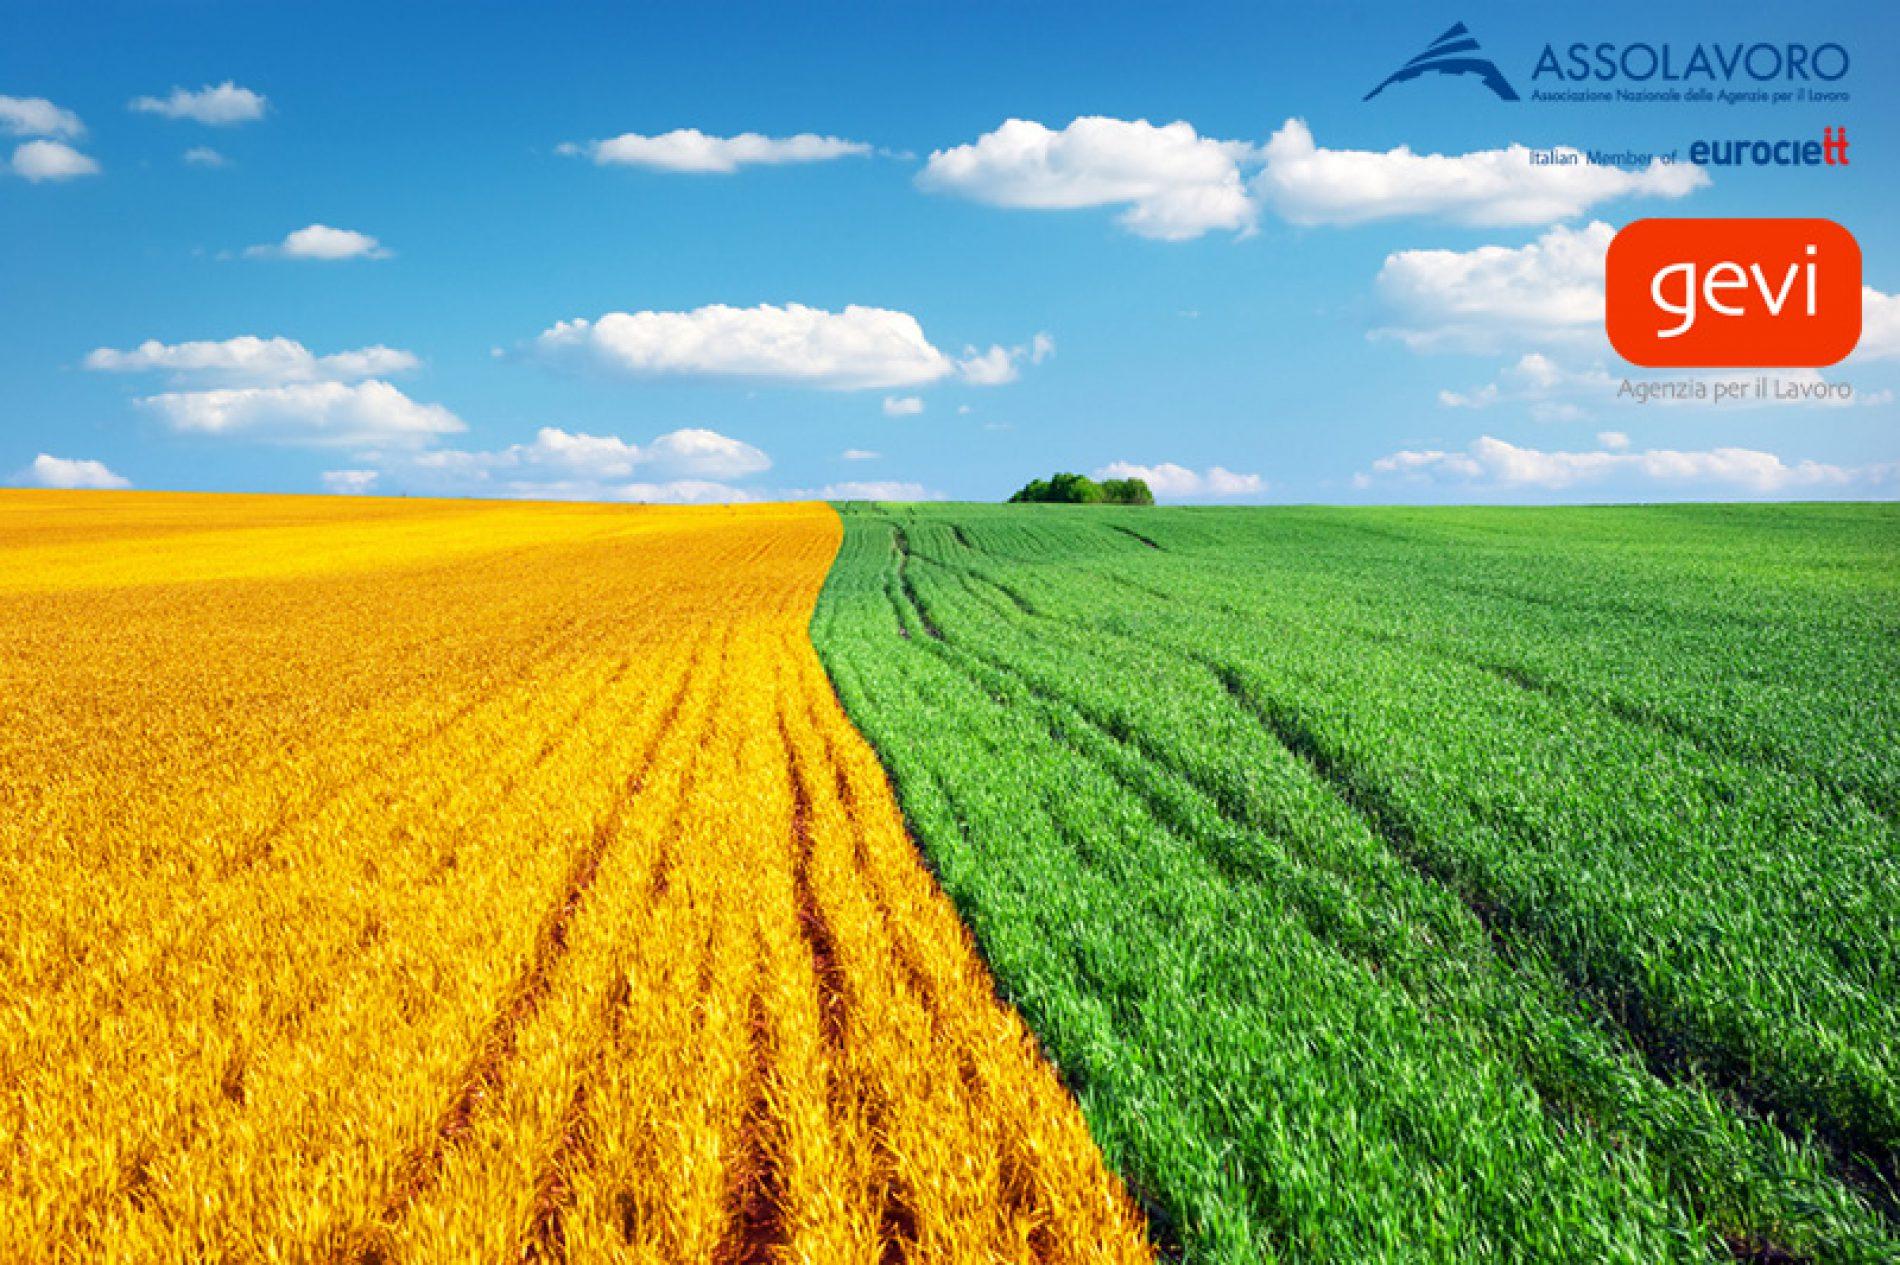 Tavolo di confronto sulle attività di contrasto al fenomeno del caporalato e del lavoro nero in agricoltura